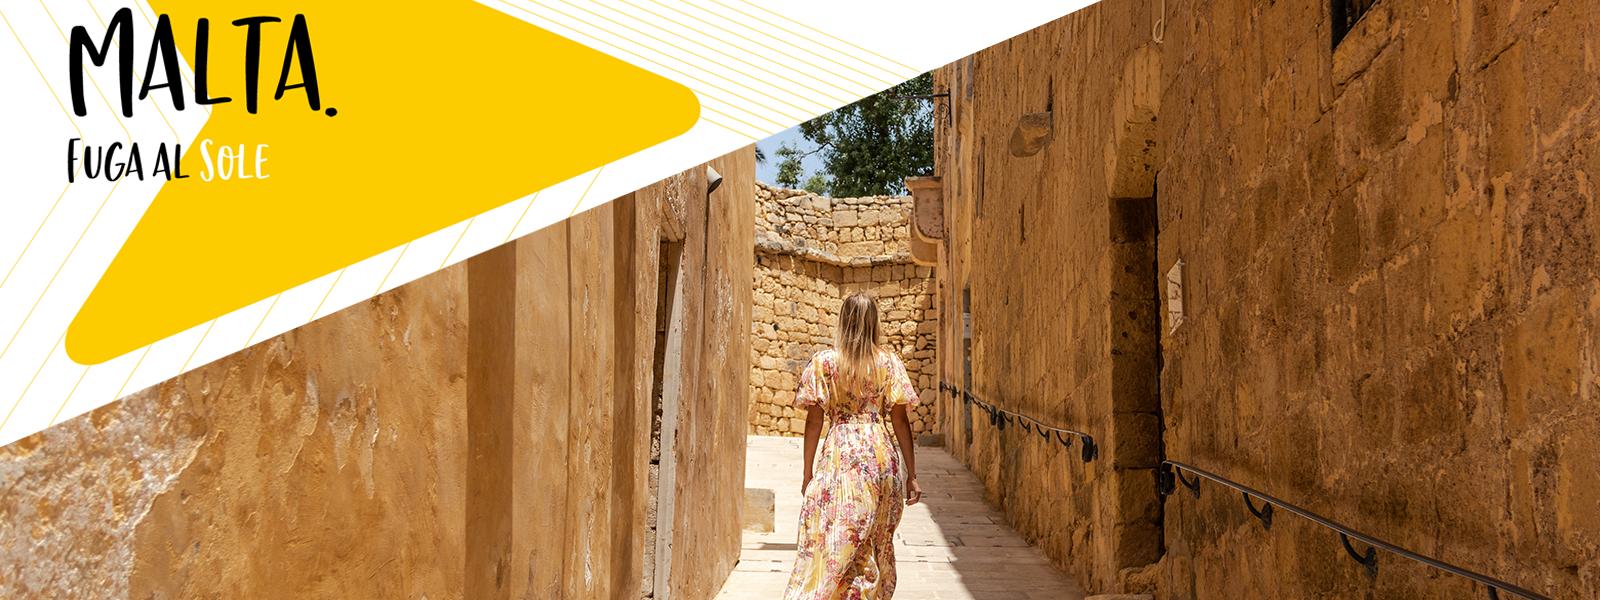 Fuga al sole a Malta, ascolta il podcast e scarica la guida